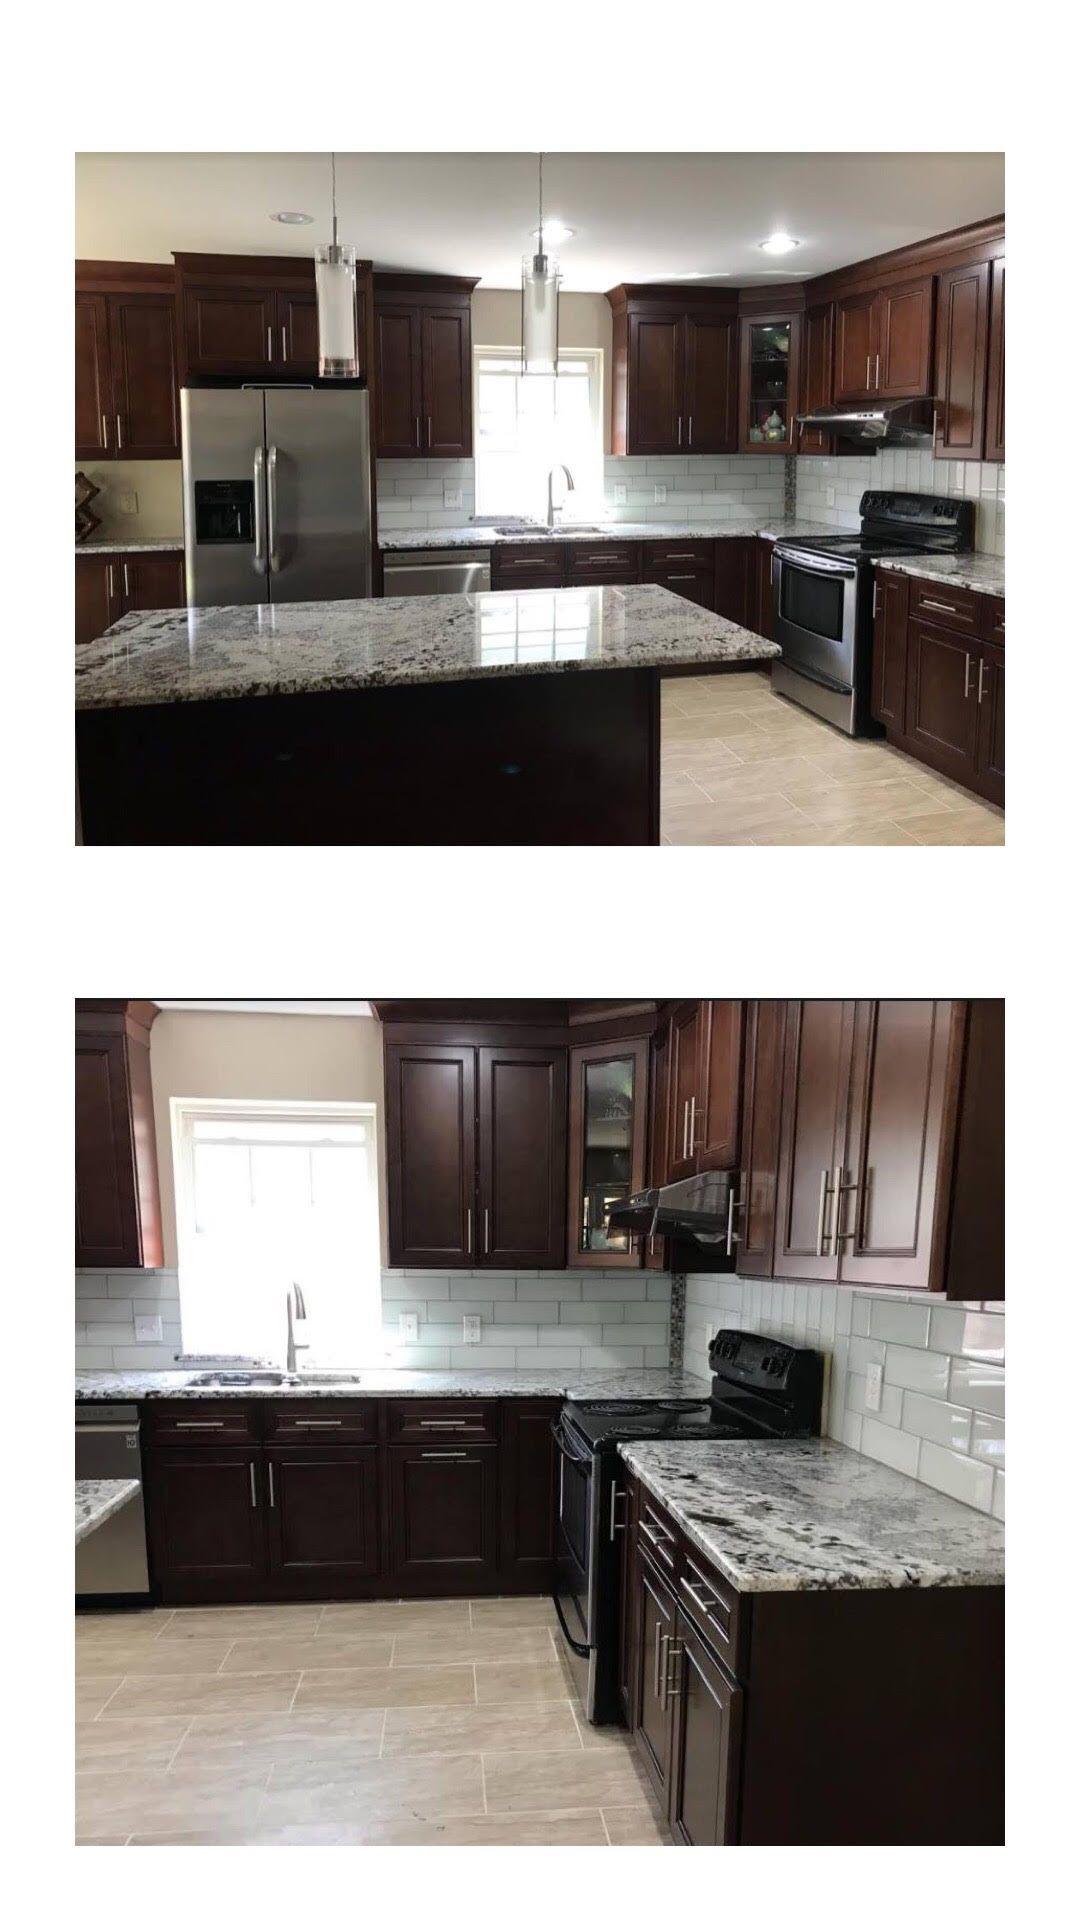 Dark Kitchen Cabinets Lily Ann Cabinets New Kitchen Cabinets Kitchen Remodel Dark Kitchen Cabinets